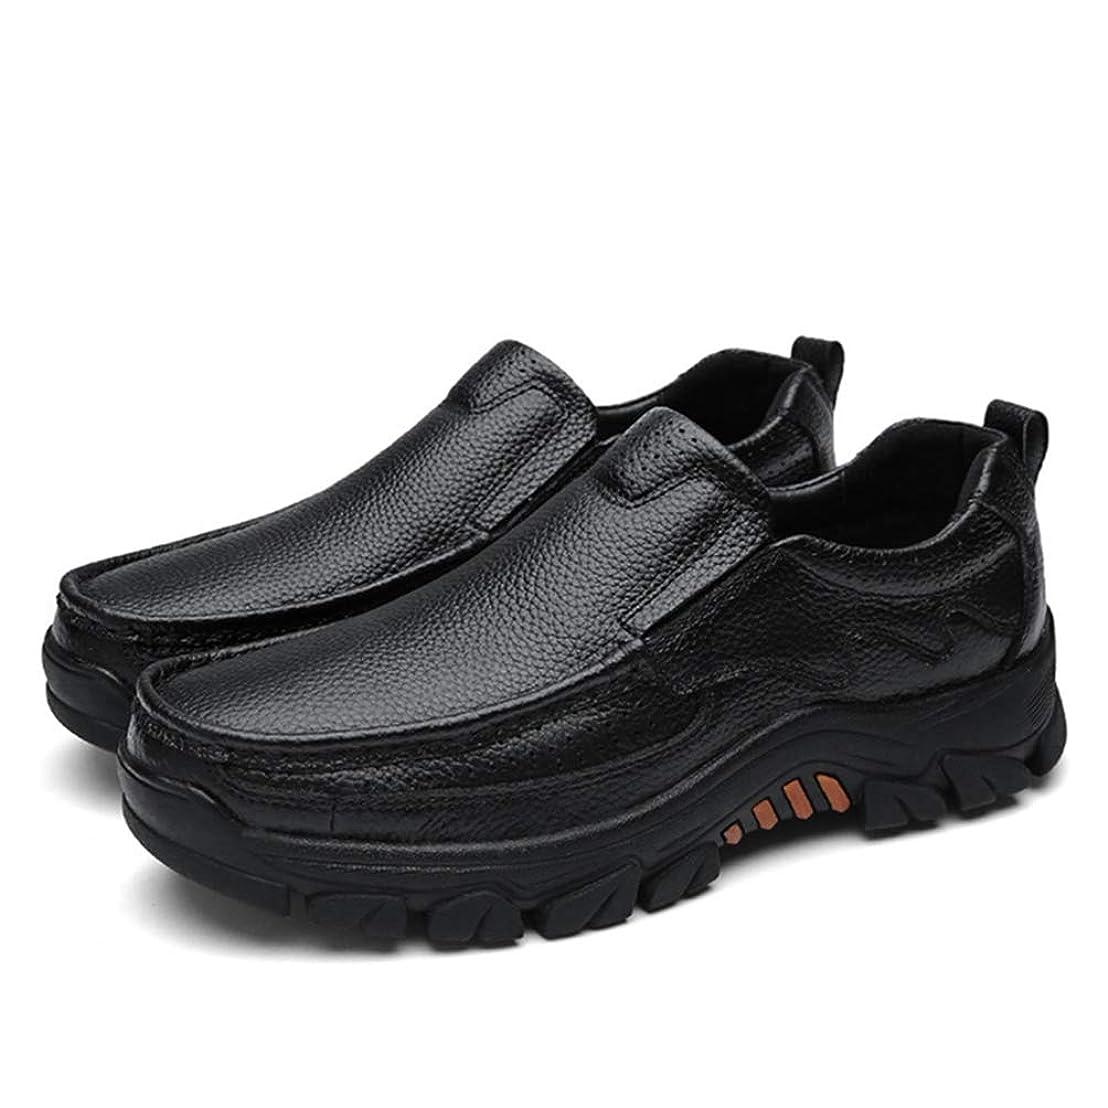 苛性キノコ注釈[シュウカ] ローファー メンズ ウォーキングシューズ 27.0cm カジュアルシューズ 男性 ソフトボトム スニーカー メンズファッション レザー 人気 ブラック ローカット コーディネートしやすい クラシック 運動靴 柔軟ウォーキング